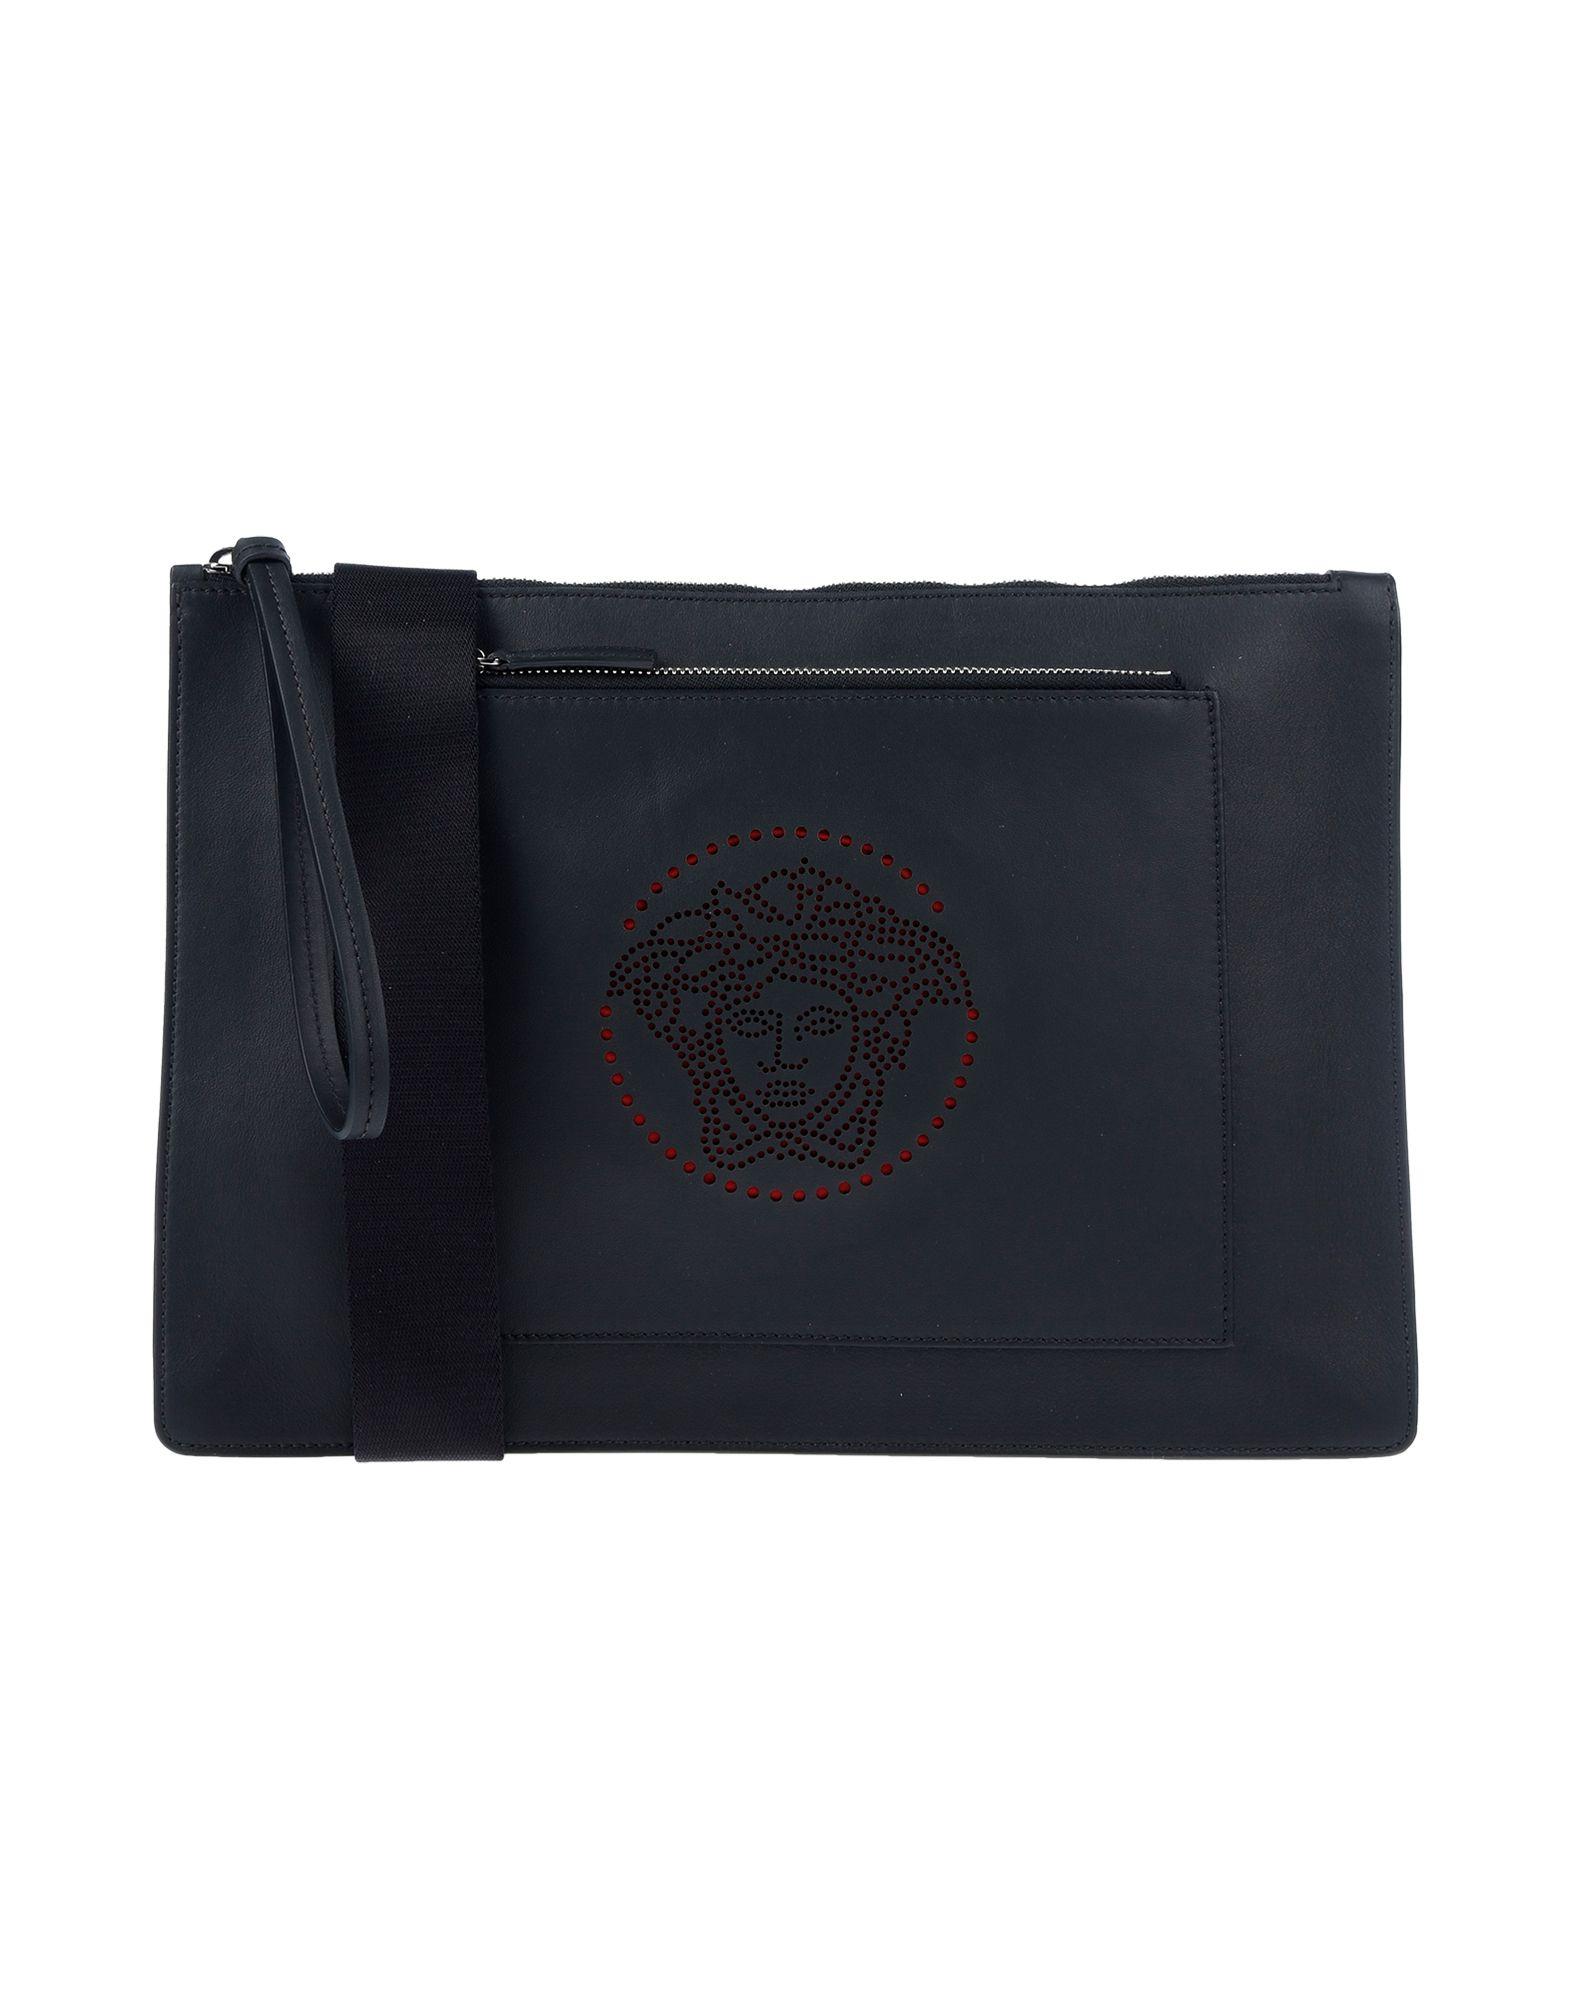 479f71557a Versace Cross-Body Bags - Women Versace Cross-Body Bags online on ...